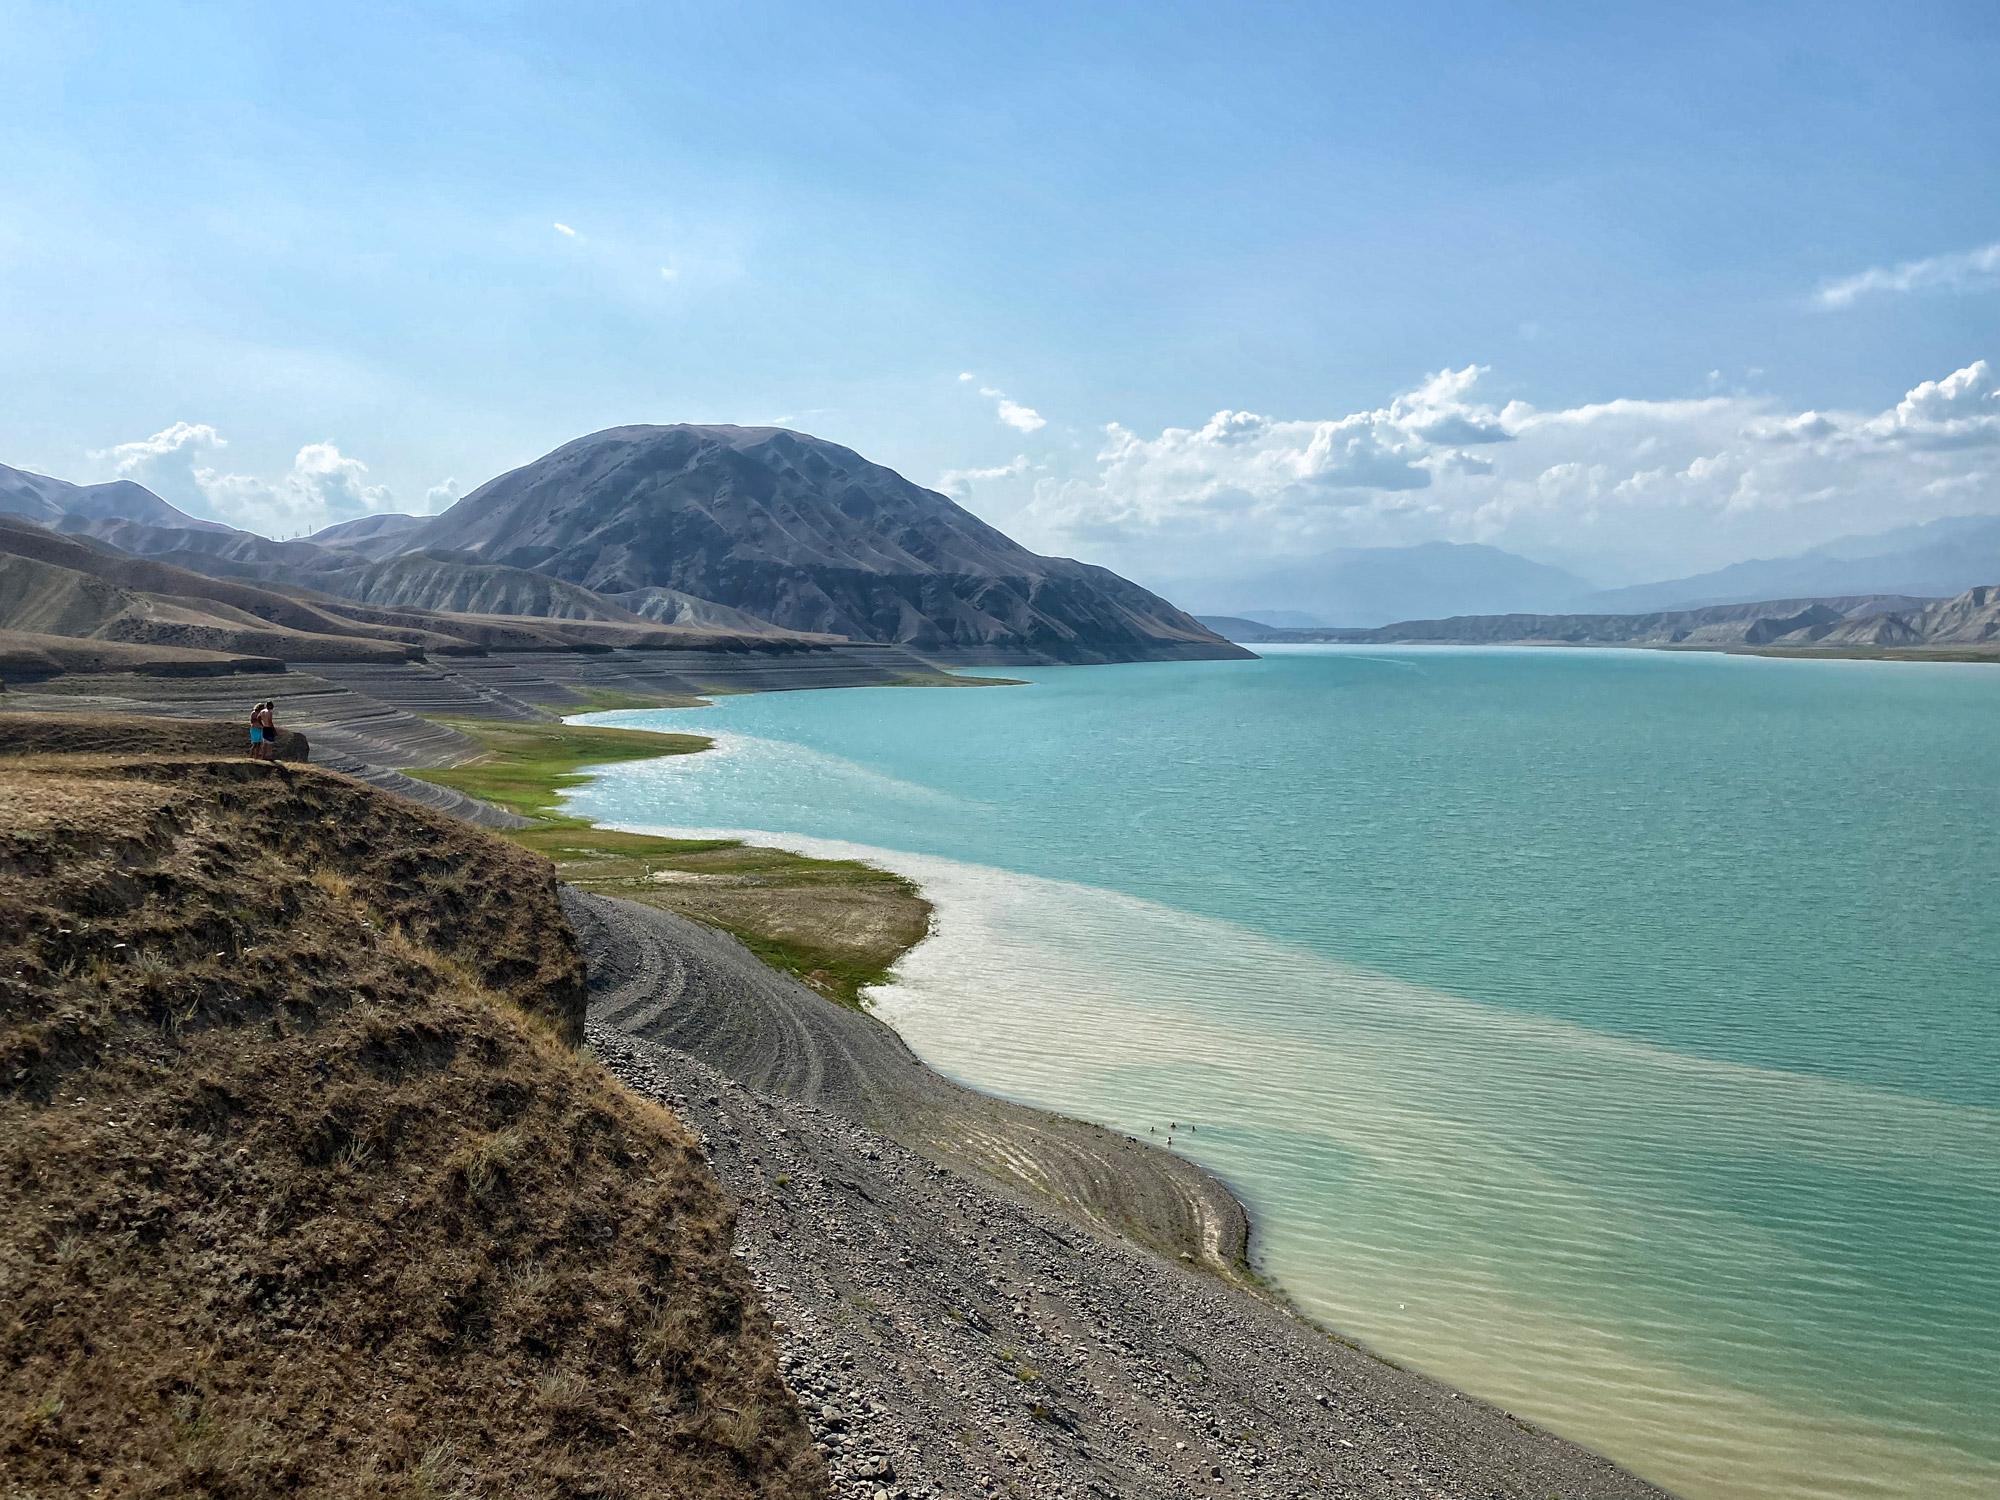 Reisroute Kirgizië - Toktogul